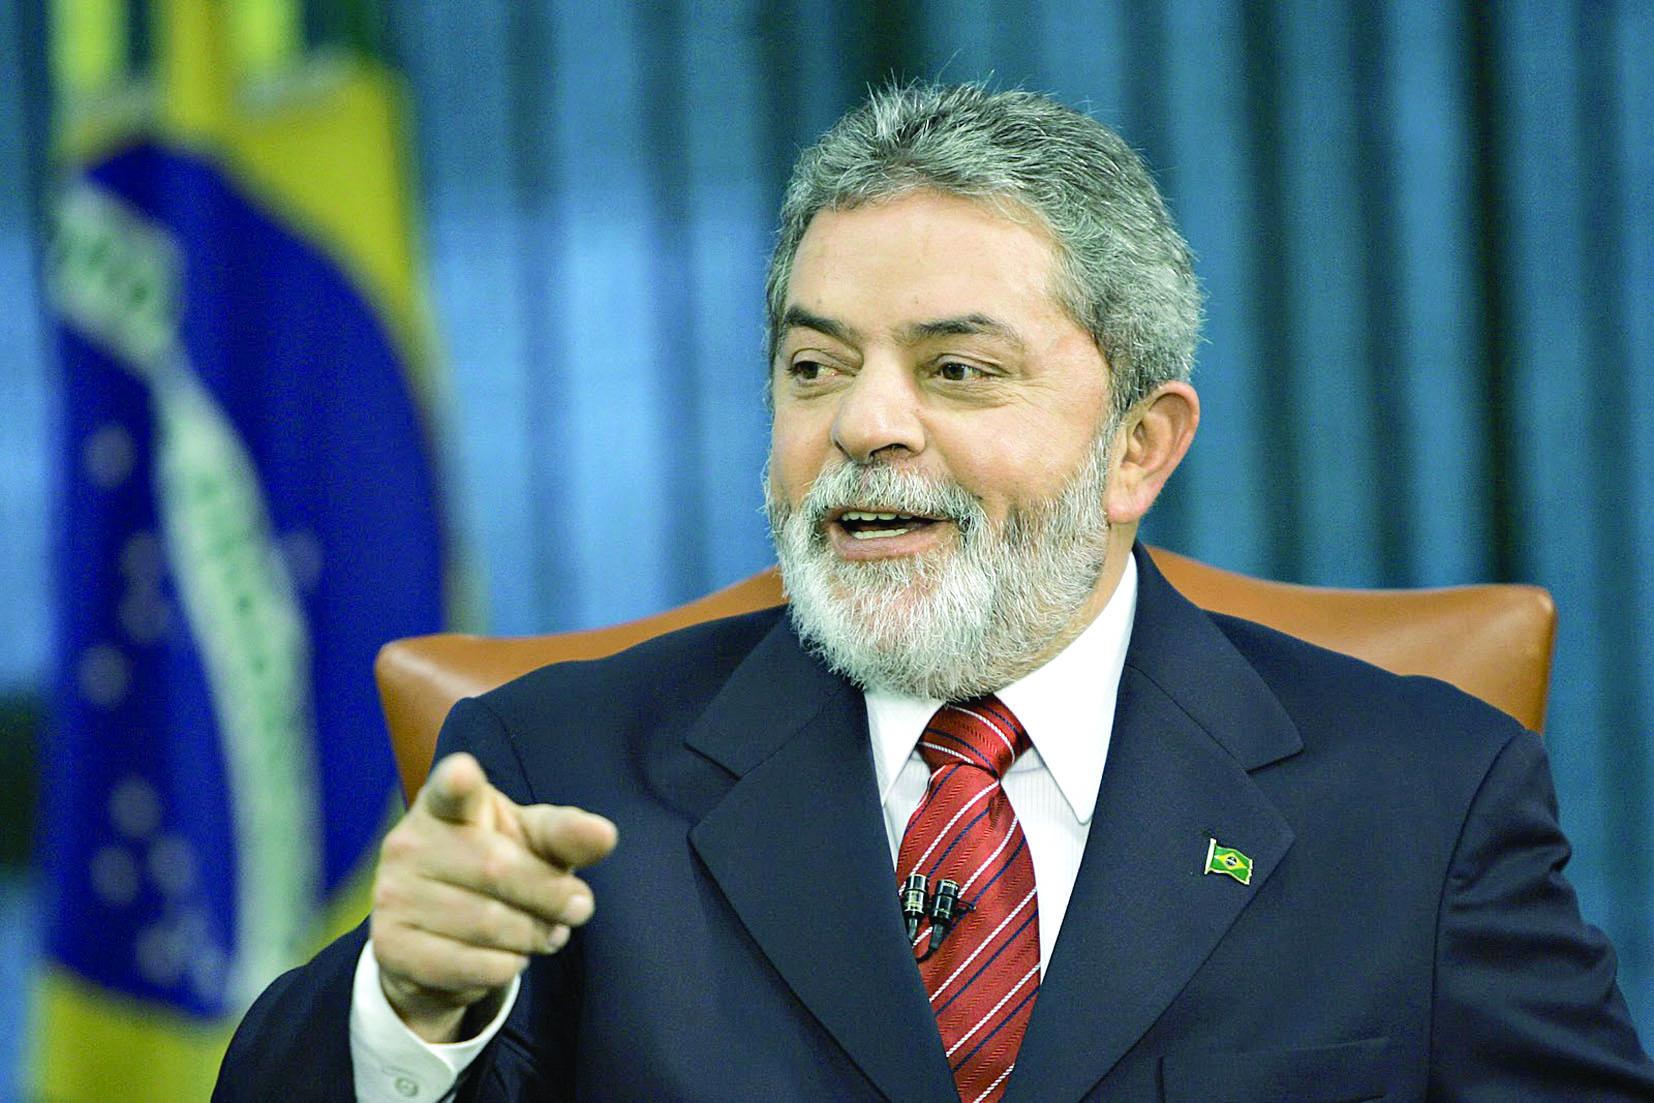 لولا دا سيلفا يلمح الى انه سيترشح لرئاسة البرازيل